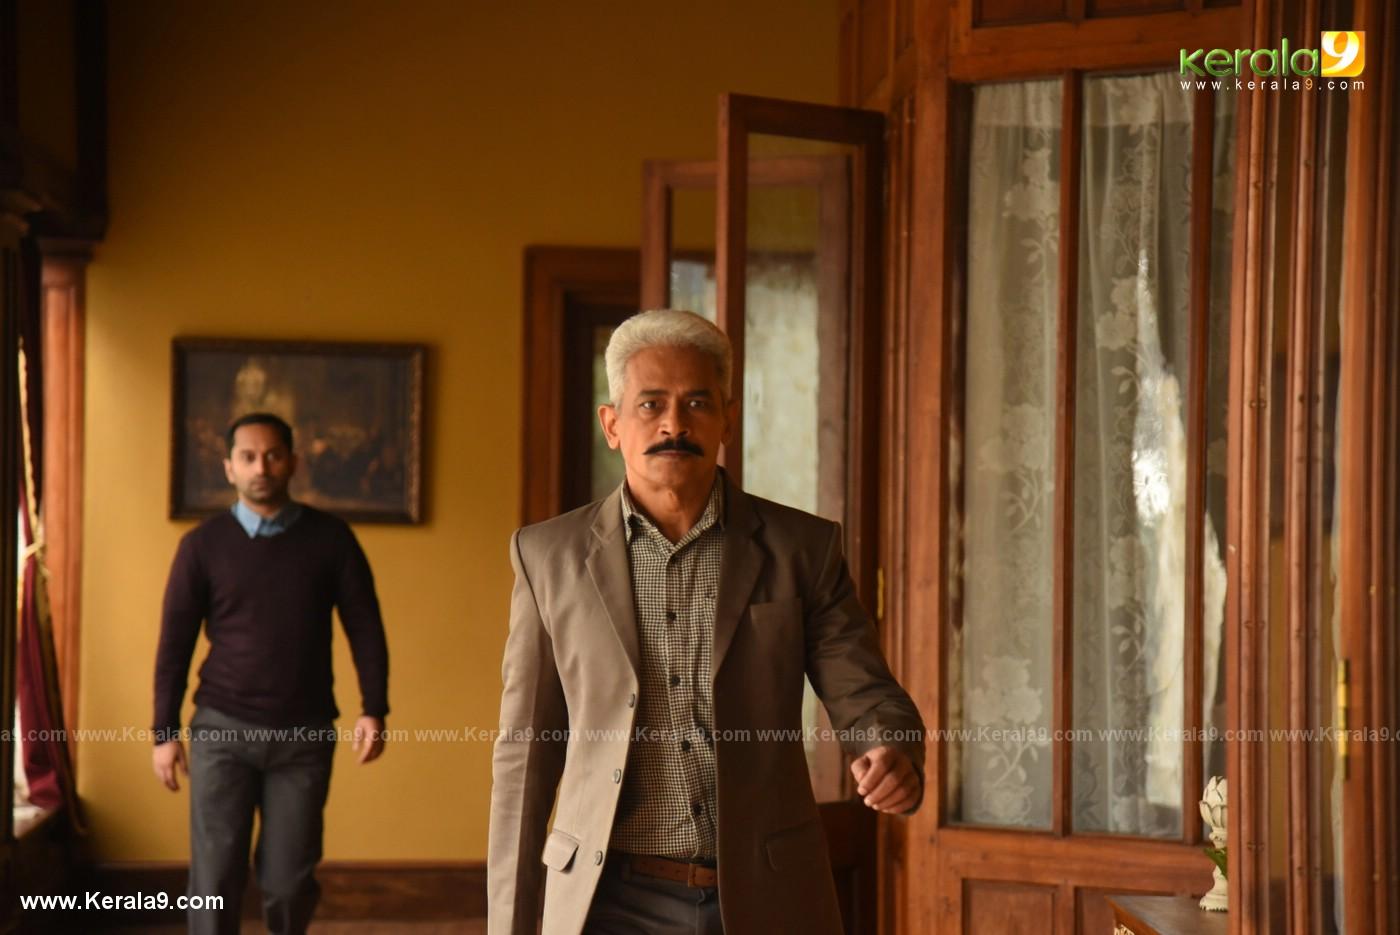 athiran malayalam movie photos 4 - Kerala9.com